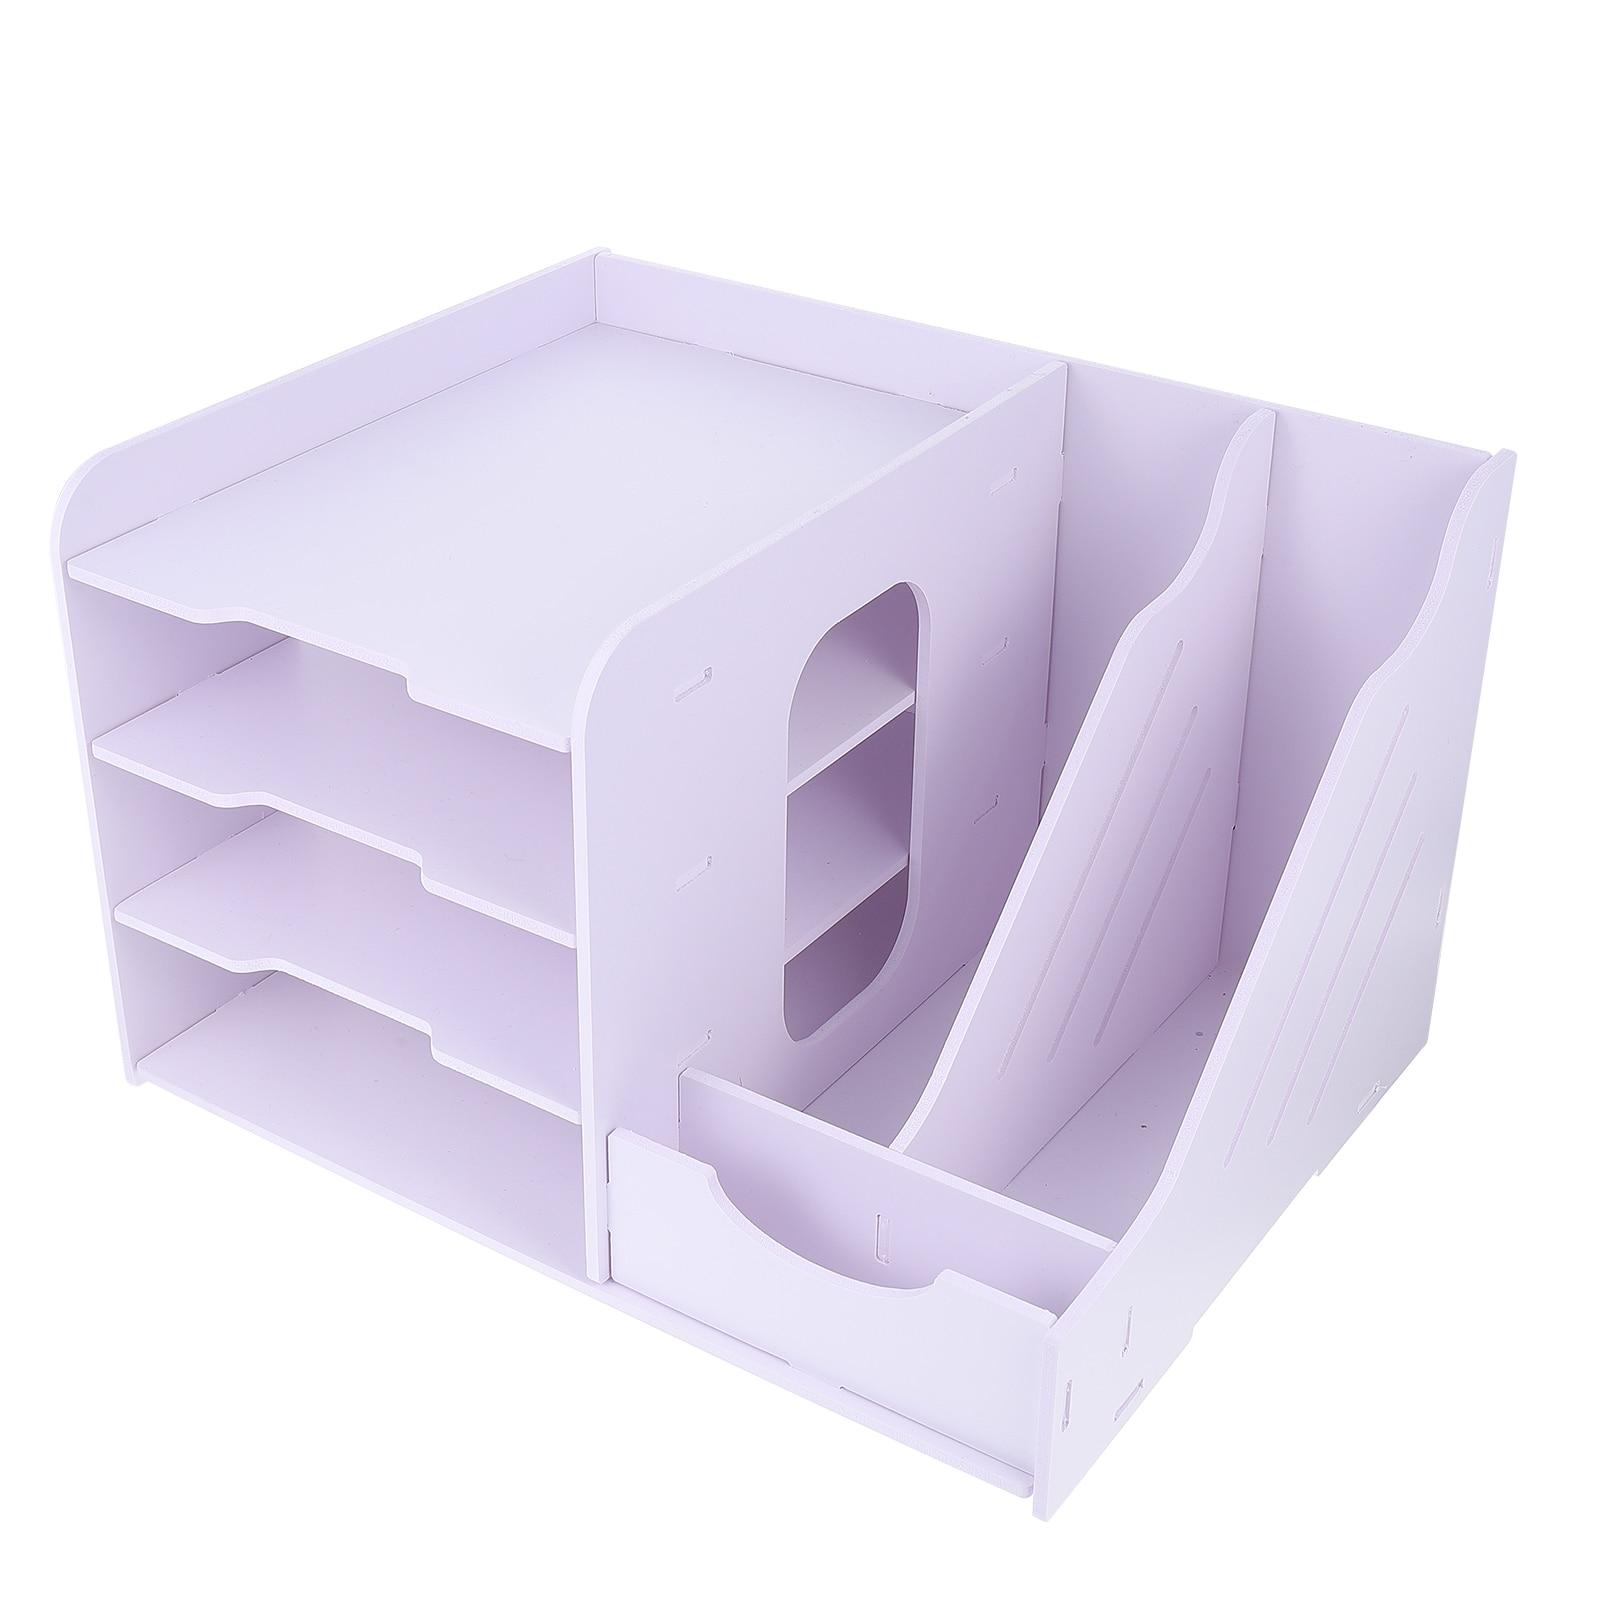 1 قطعة العملي مكتب عمل رف ملفات موثوقة متعددة طبقة رف ملفات صندوق تخزين